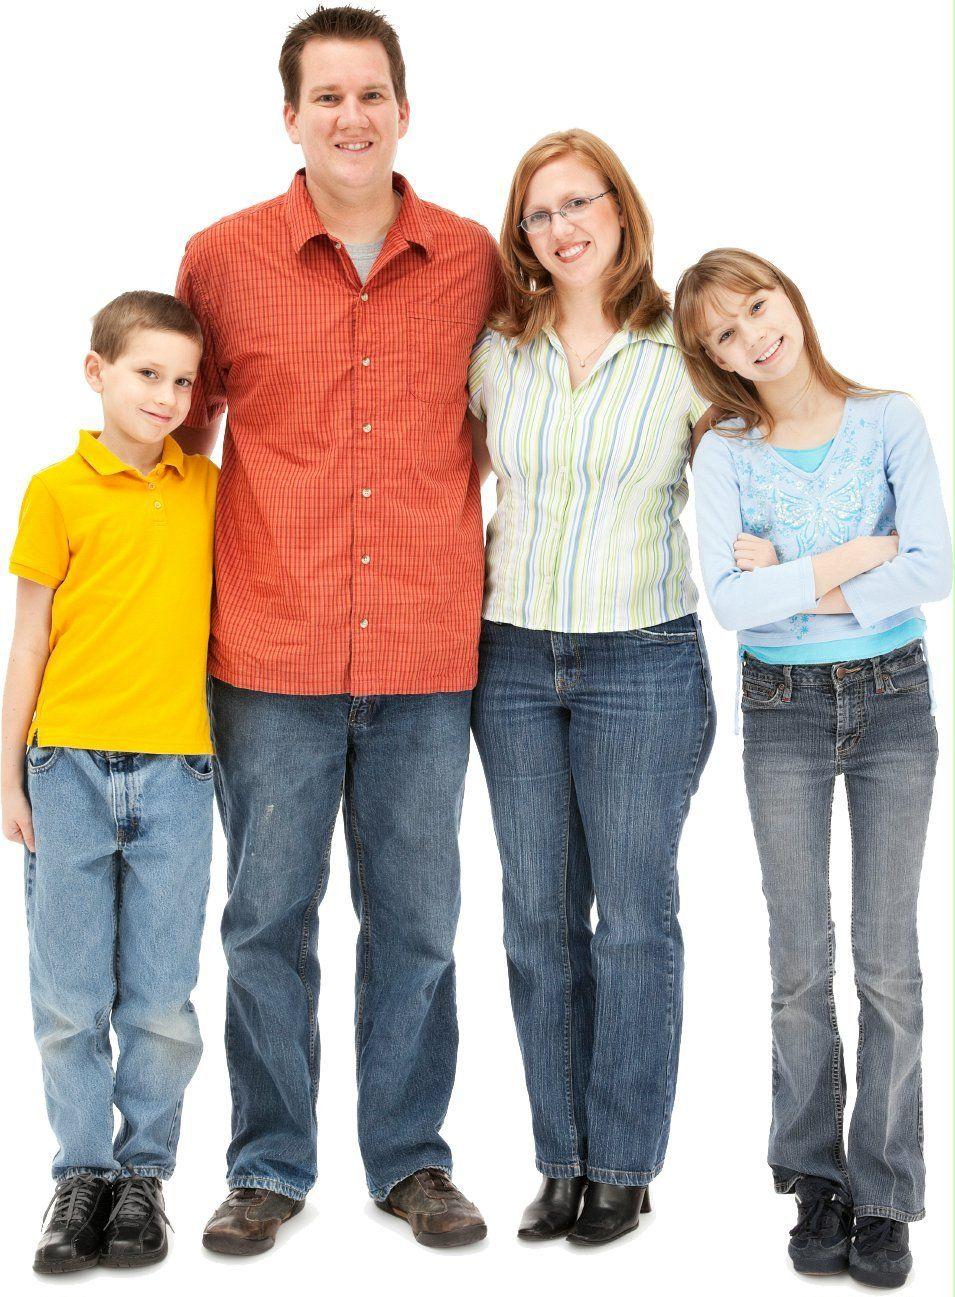 caucasian_family-happy-family